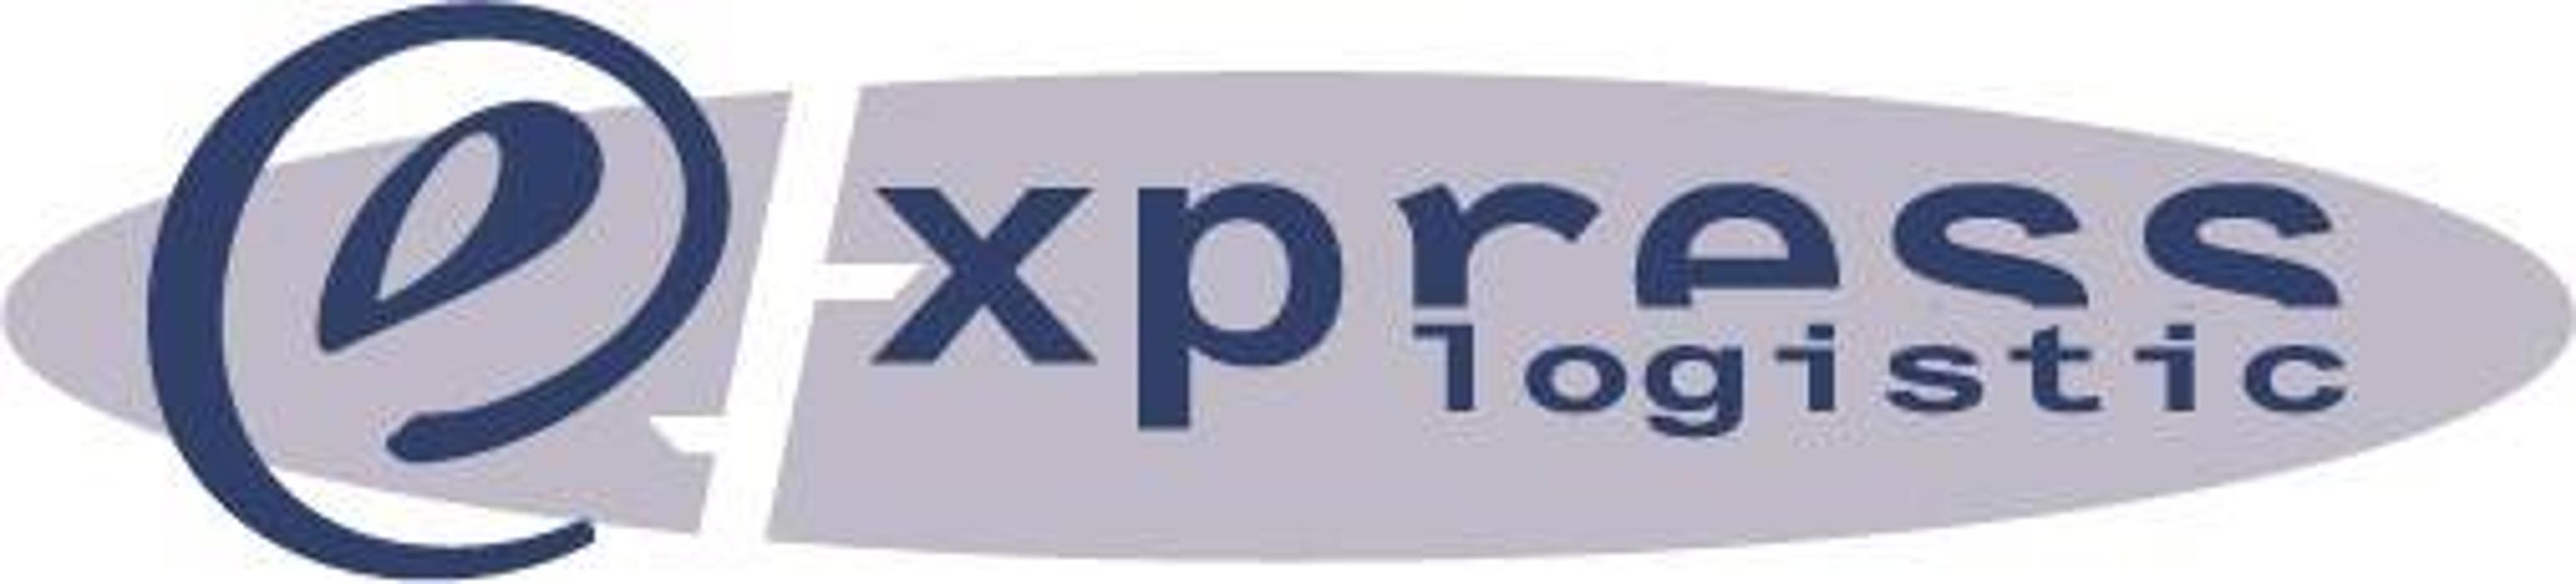 Bild zu e-xpress-logistic GmbH in Bielefeld